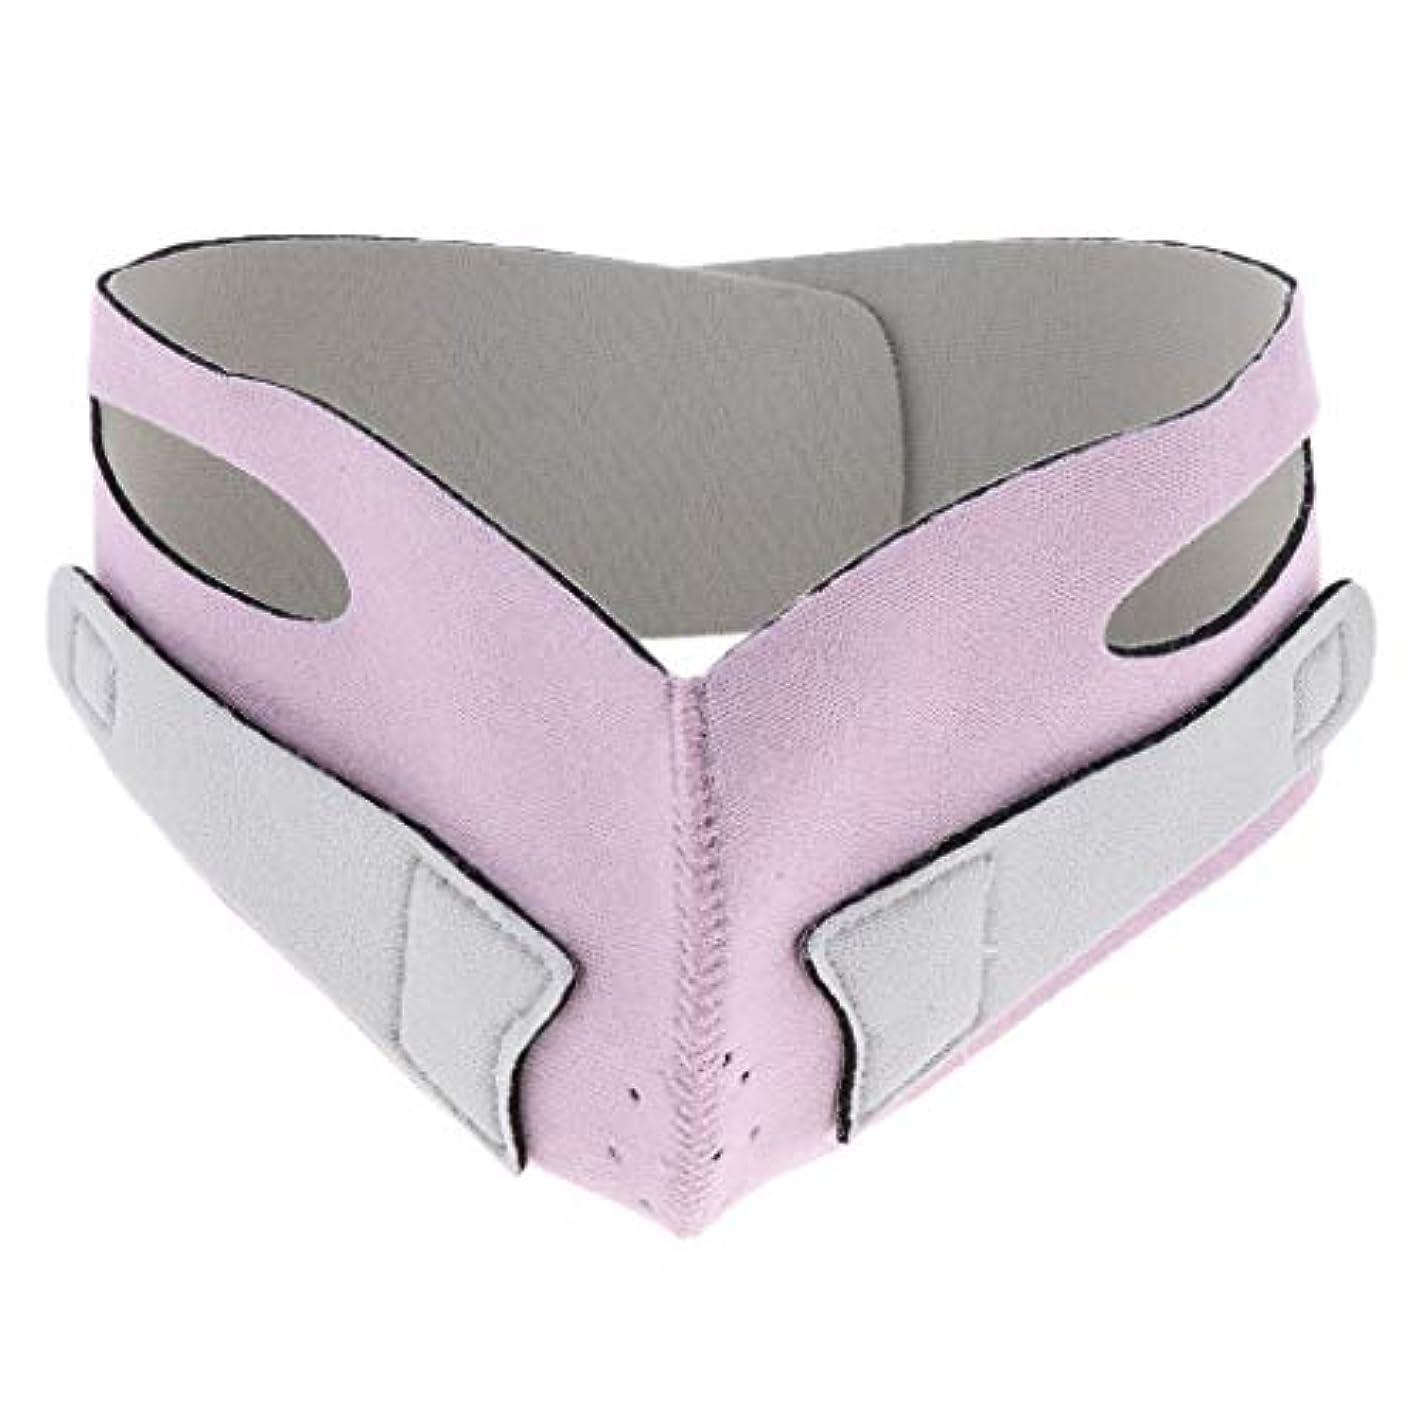 ラウズ代わりにを立てるロースト引き上げマスク 頬リフトアップ V-ラインマスク リフティング リフトスリムマスク 通気性 全2色 - ピンク